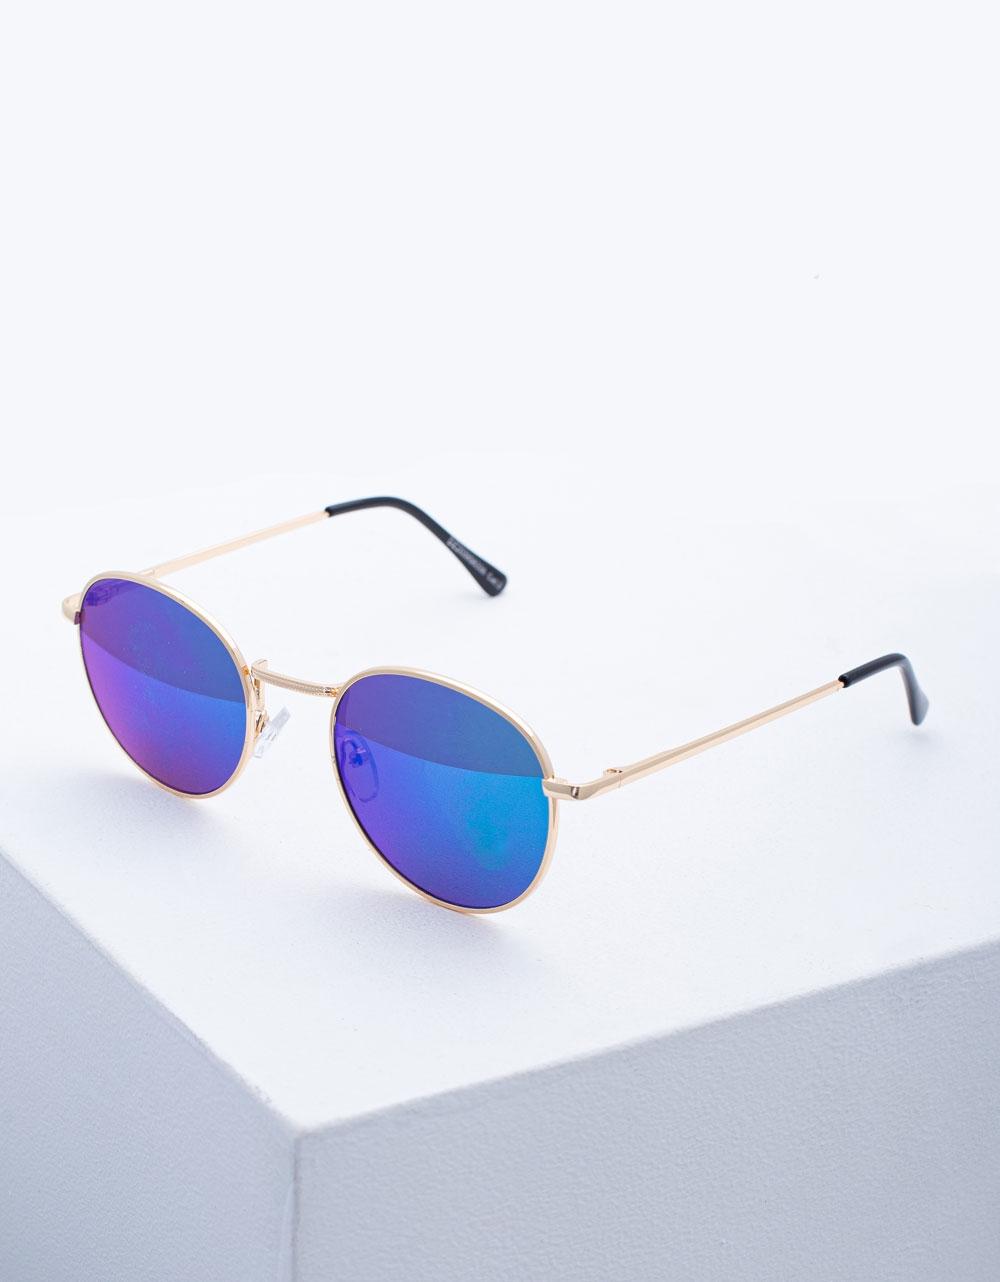 Εικόνα από Γυναικεία γυαλιά ηλίου με χρωματιστούς φακούς Κόκκινο